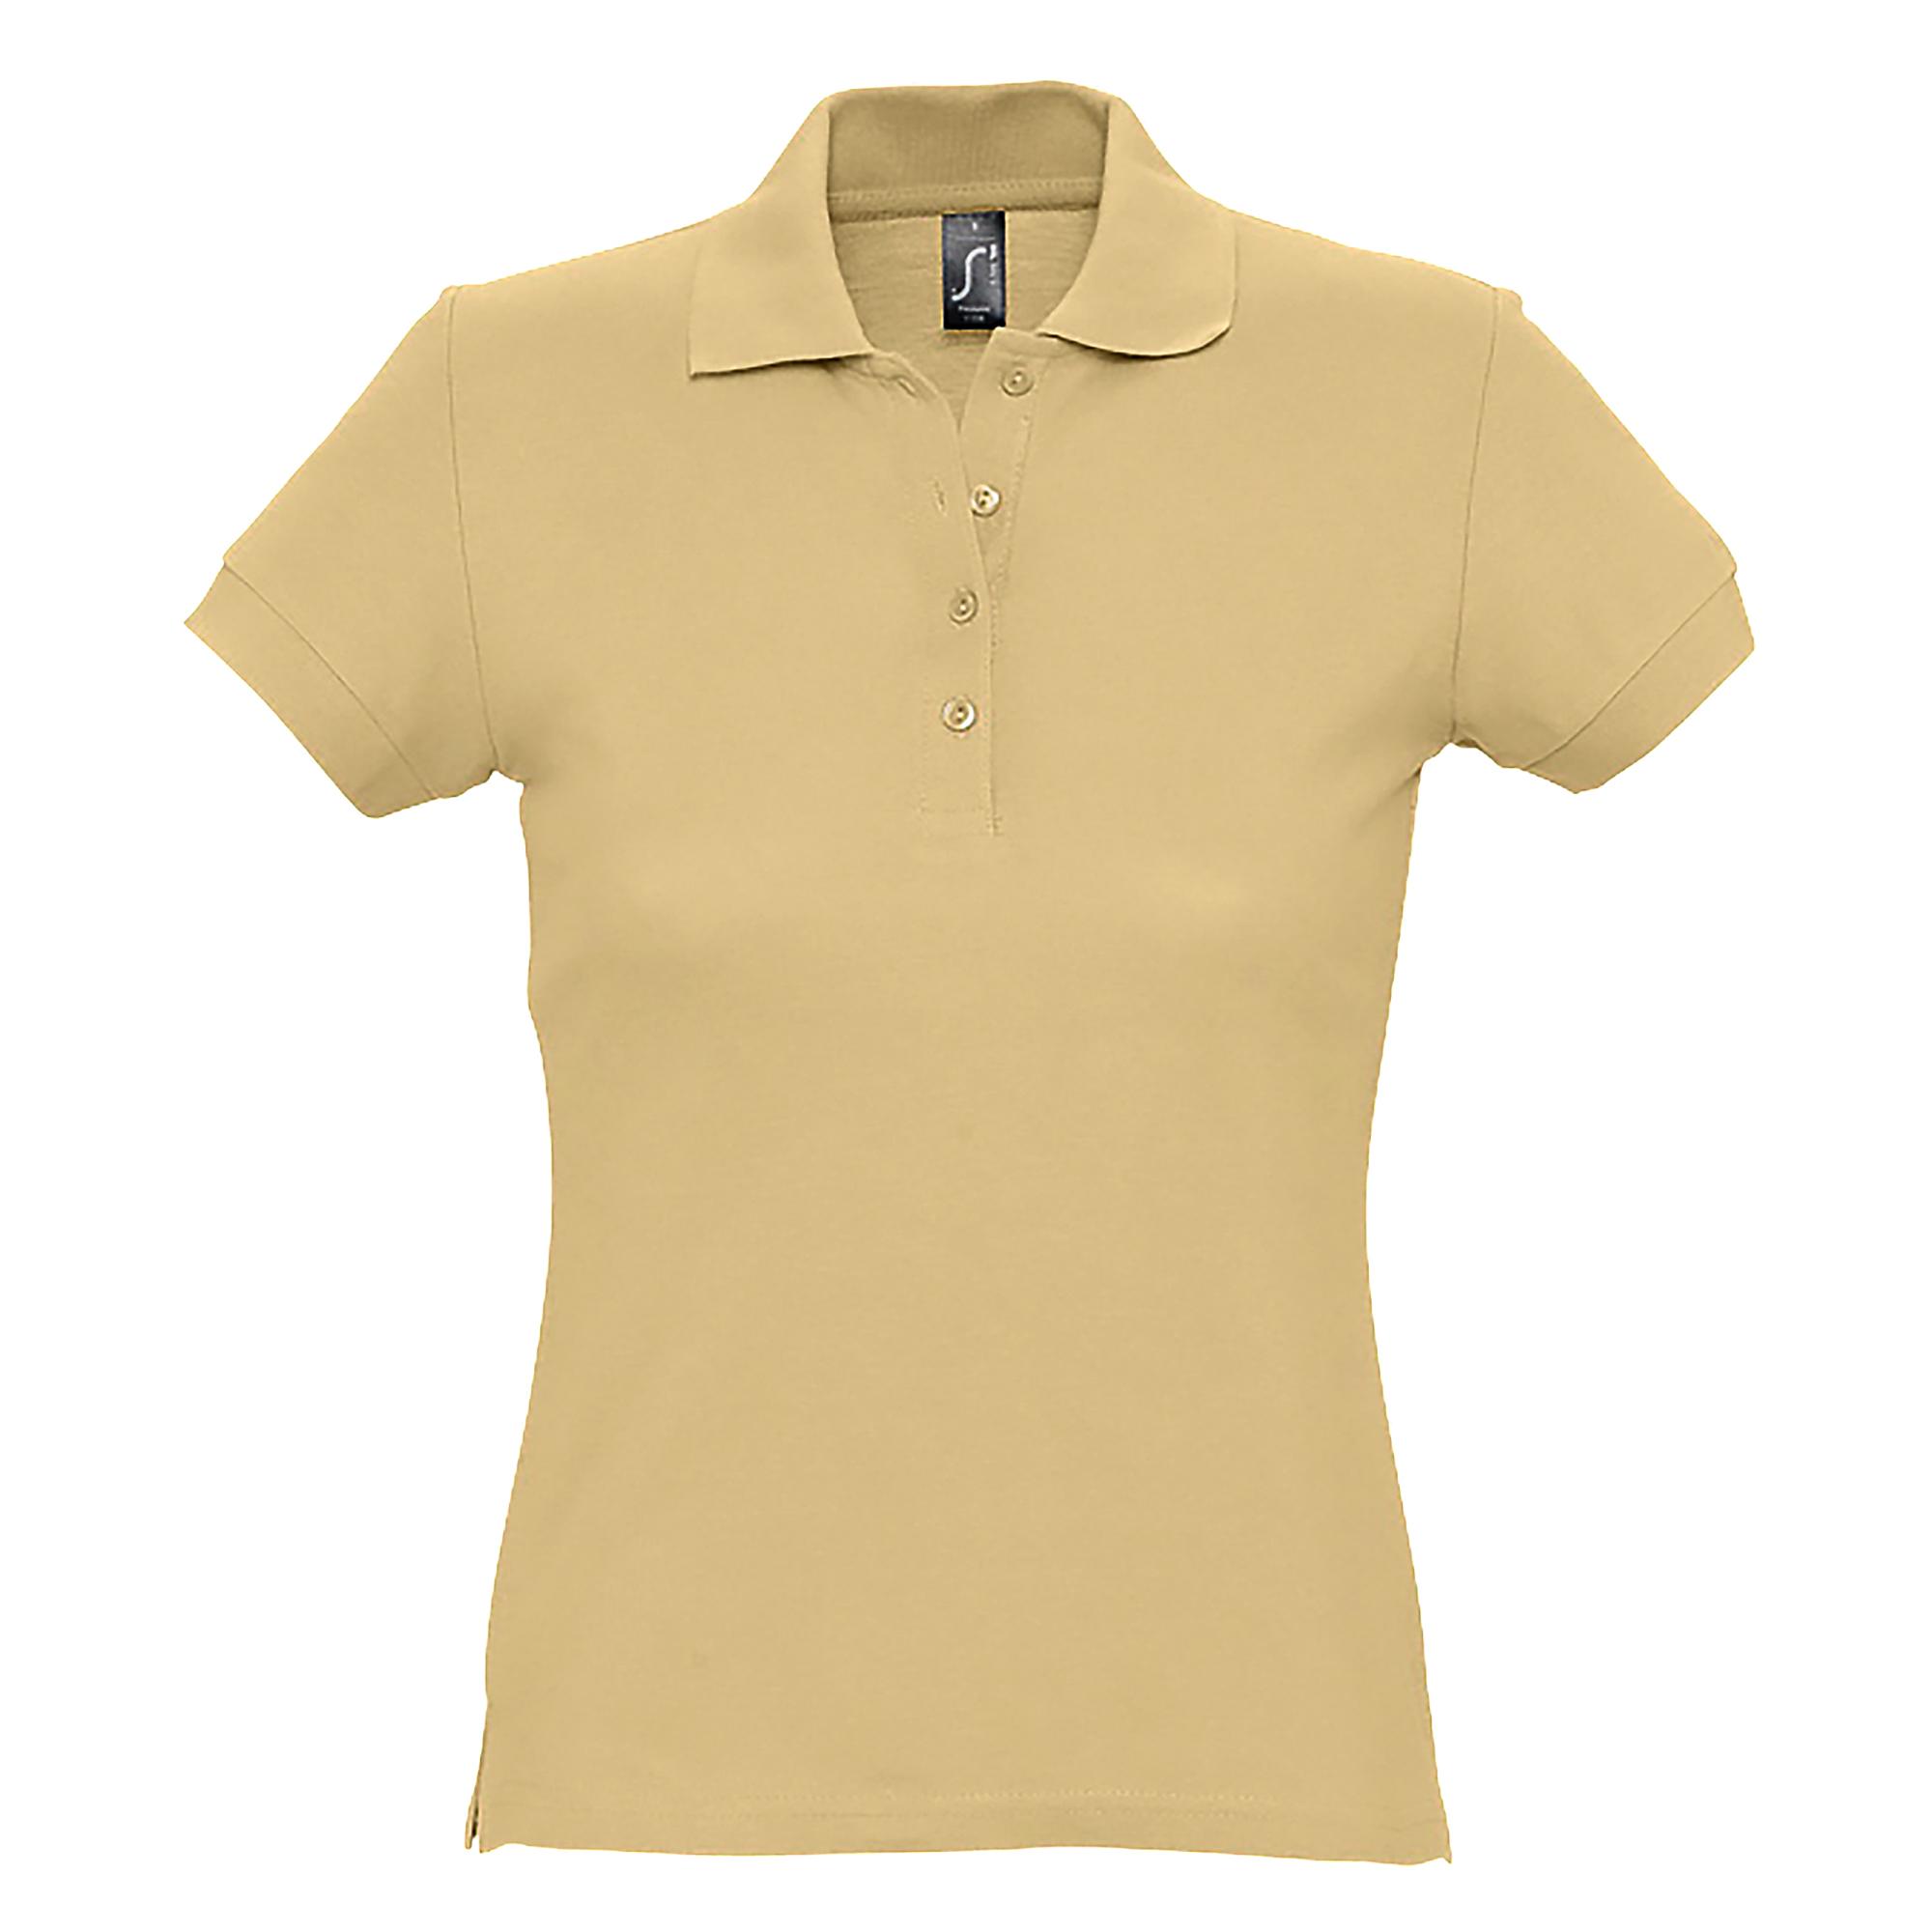 miniature 28 - SOLS Passion - Polo 100% coton à manches courtes - Femme (S-2XL) 16 (PC317)